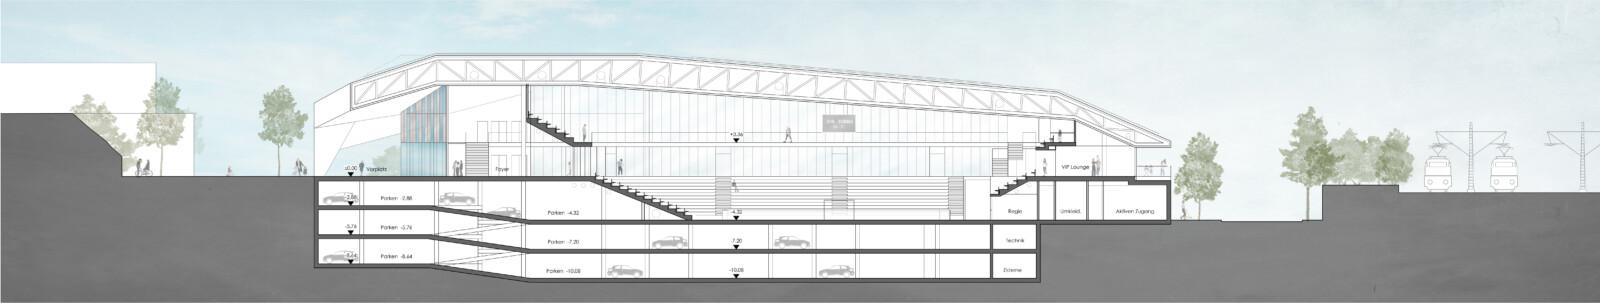 Wettbewerb Sporthalle Dortmund: Schnitt